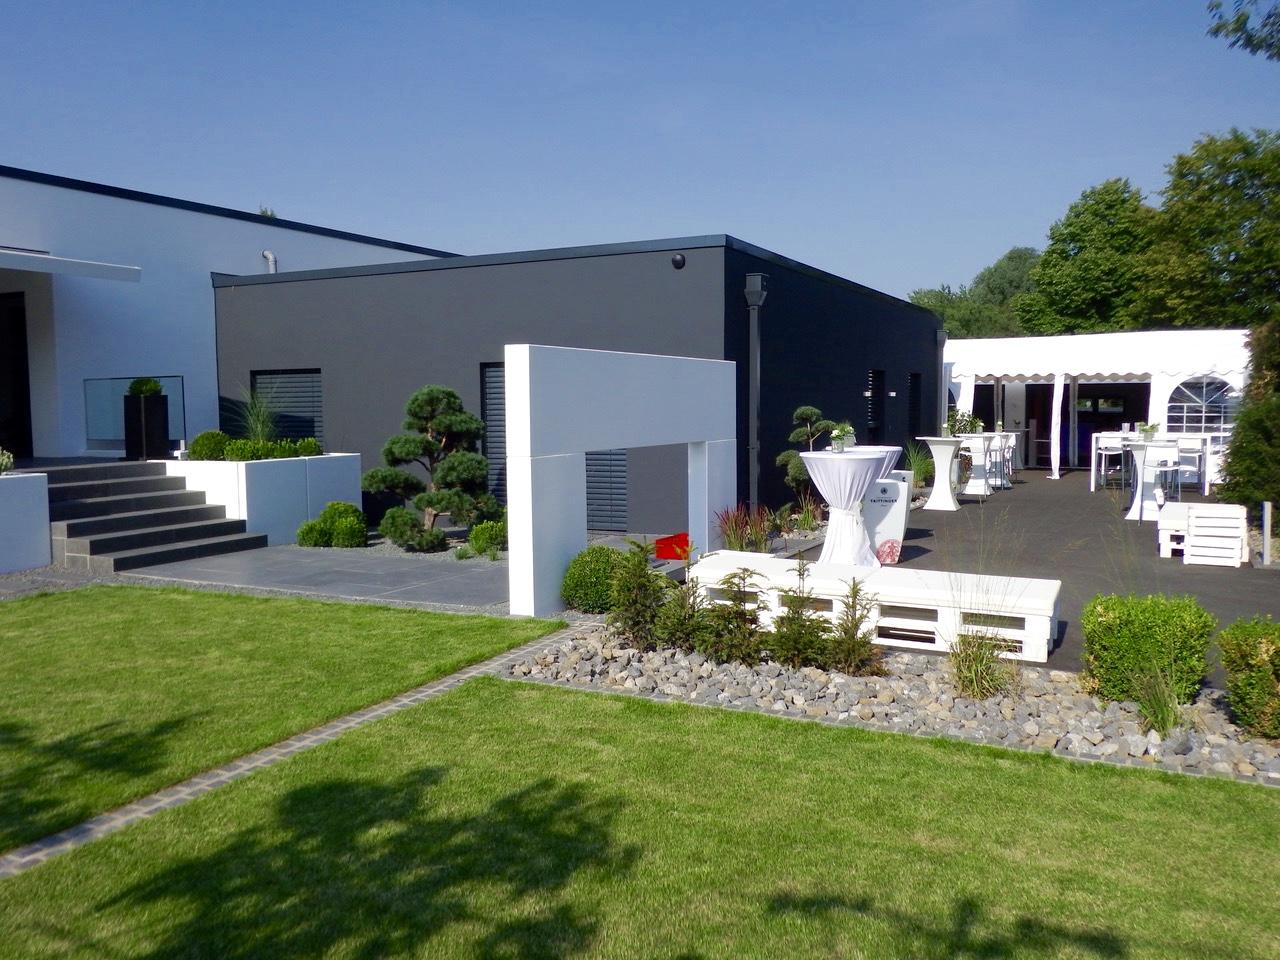 Einfamilienhausgarten 5